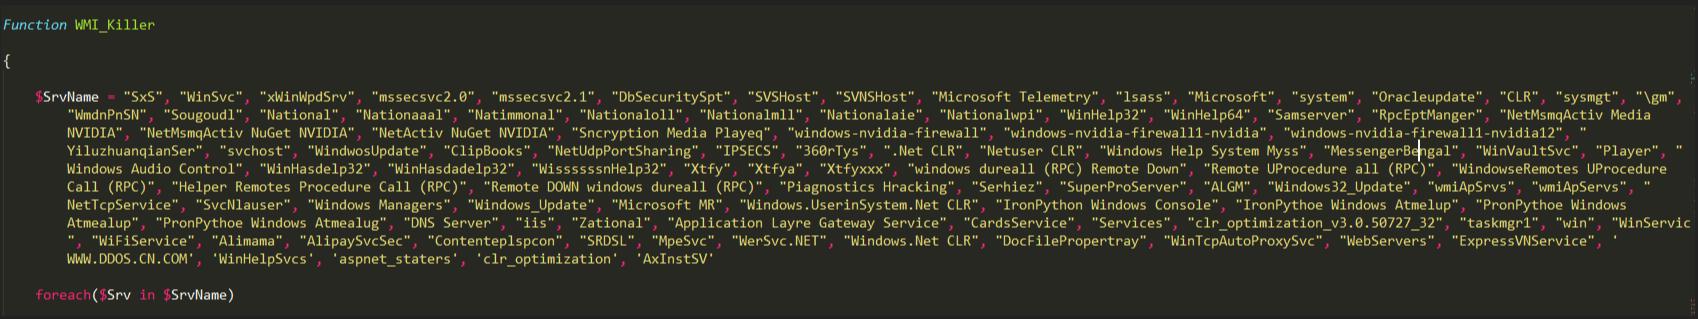 図2:WMI_Killerが削除するスケジュールされたタスク一覧